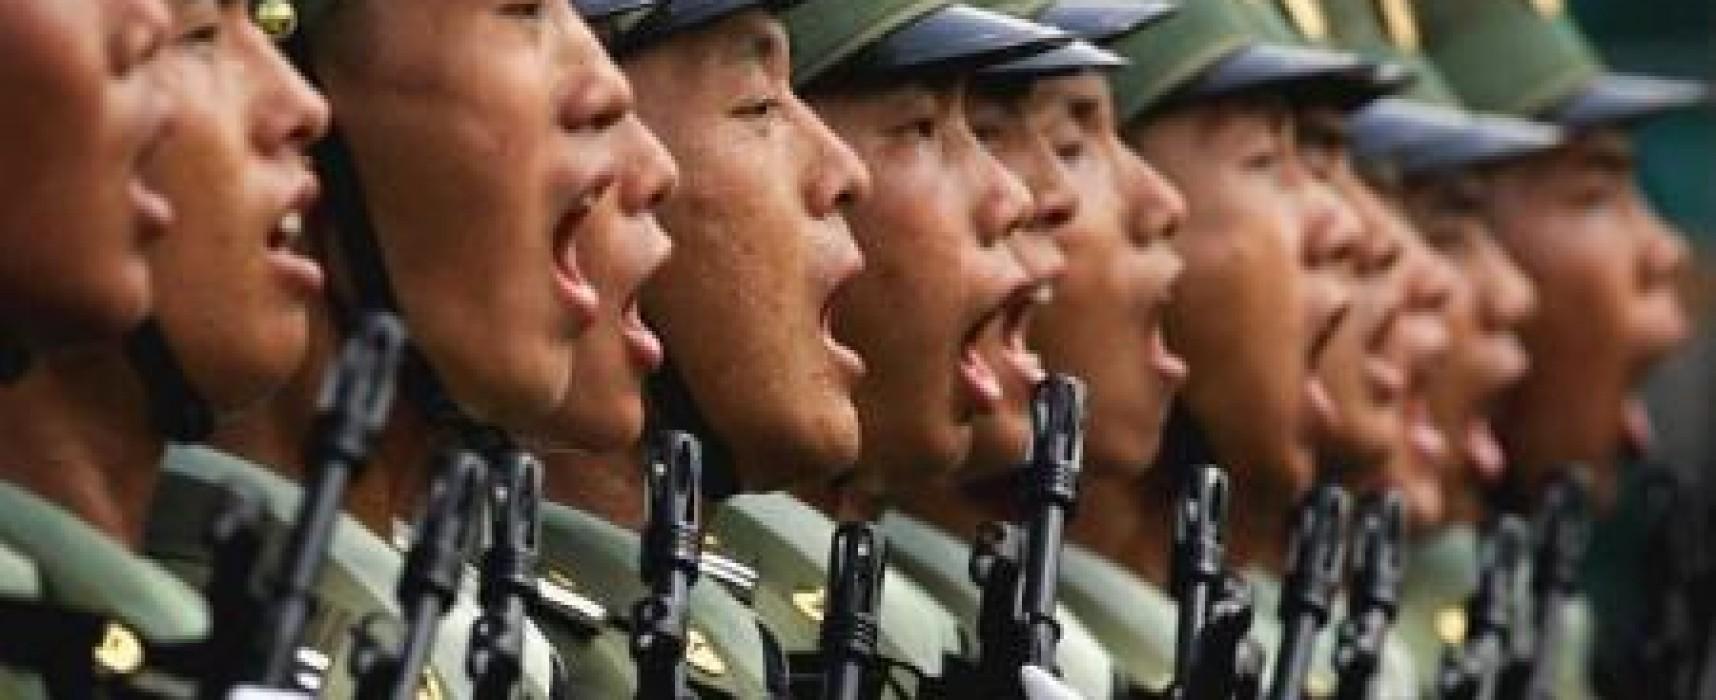 Фейк: Китайские военнослужащие обстреливают российских солдат на границе